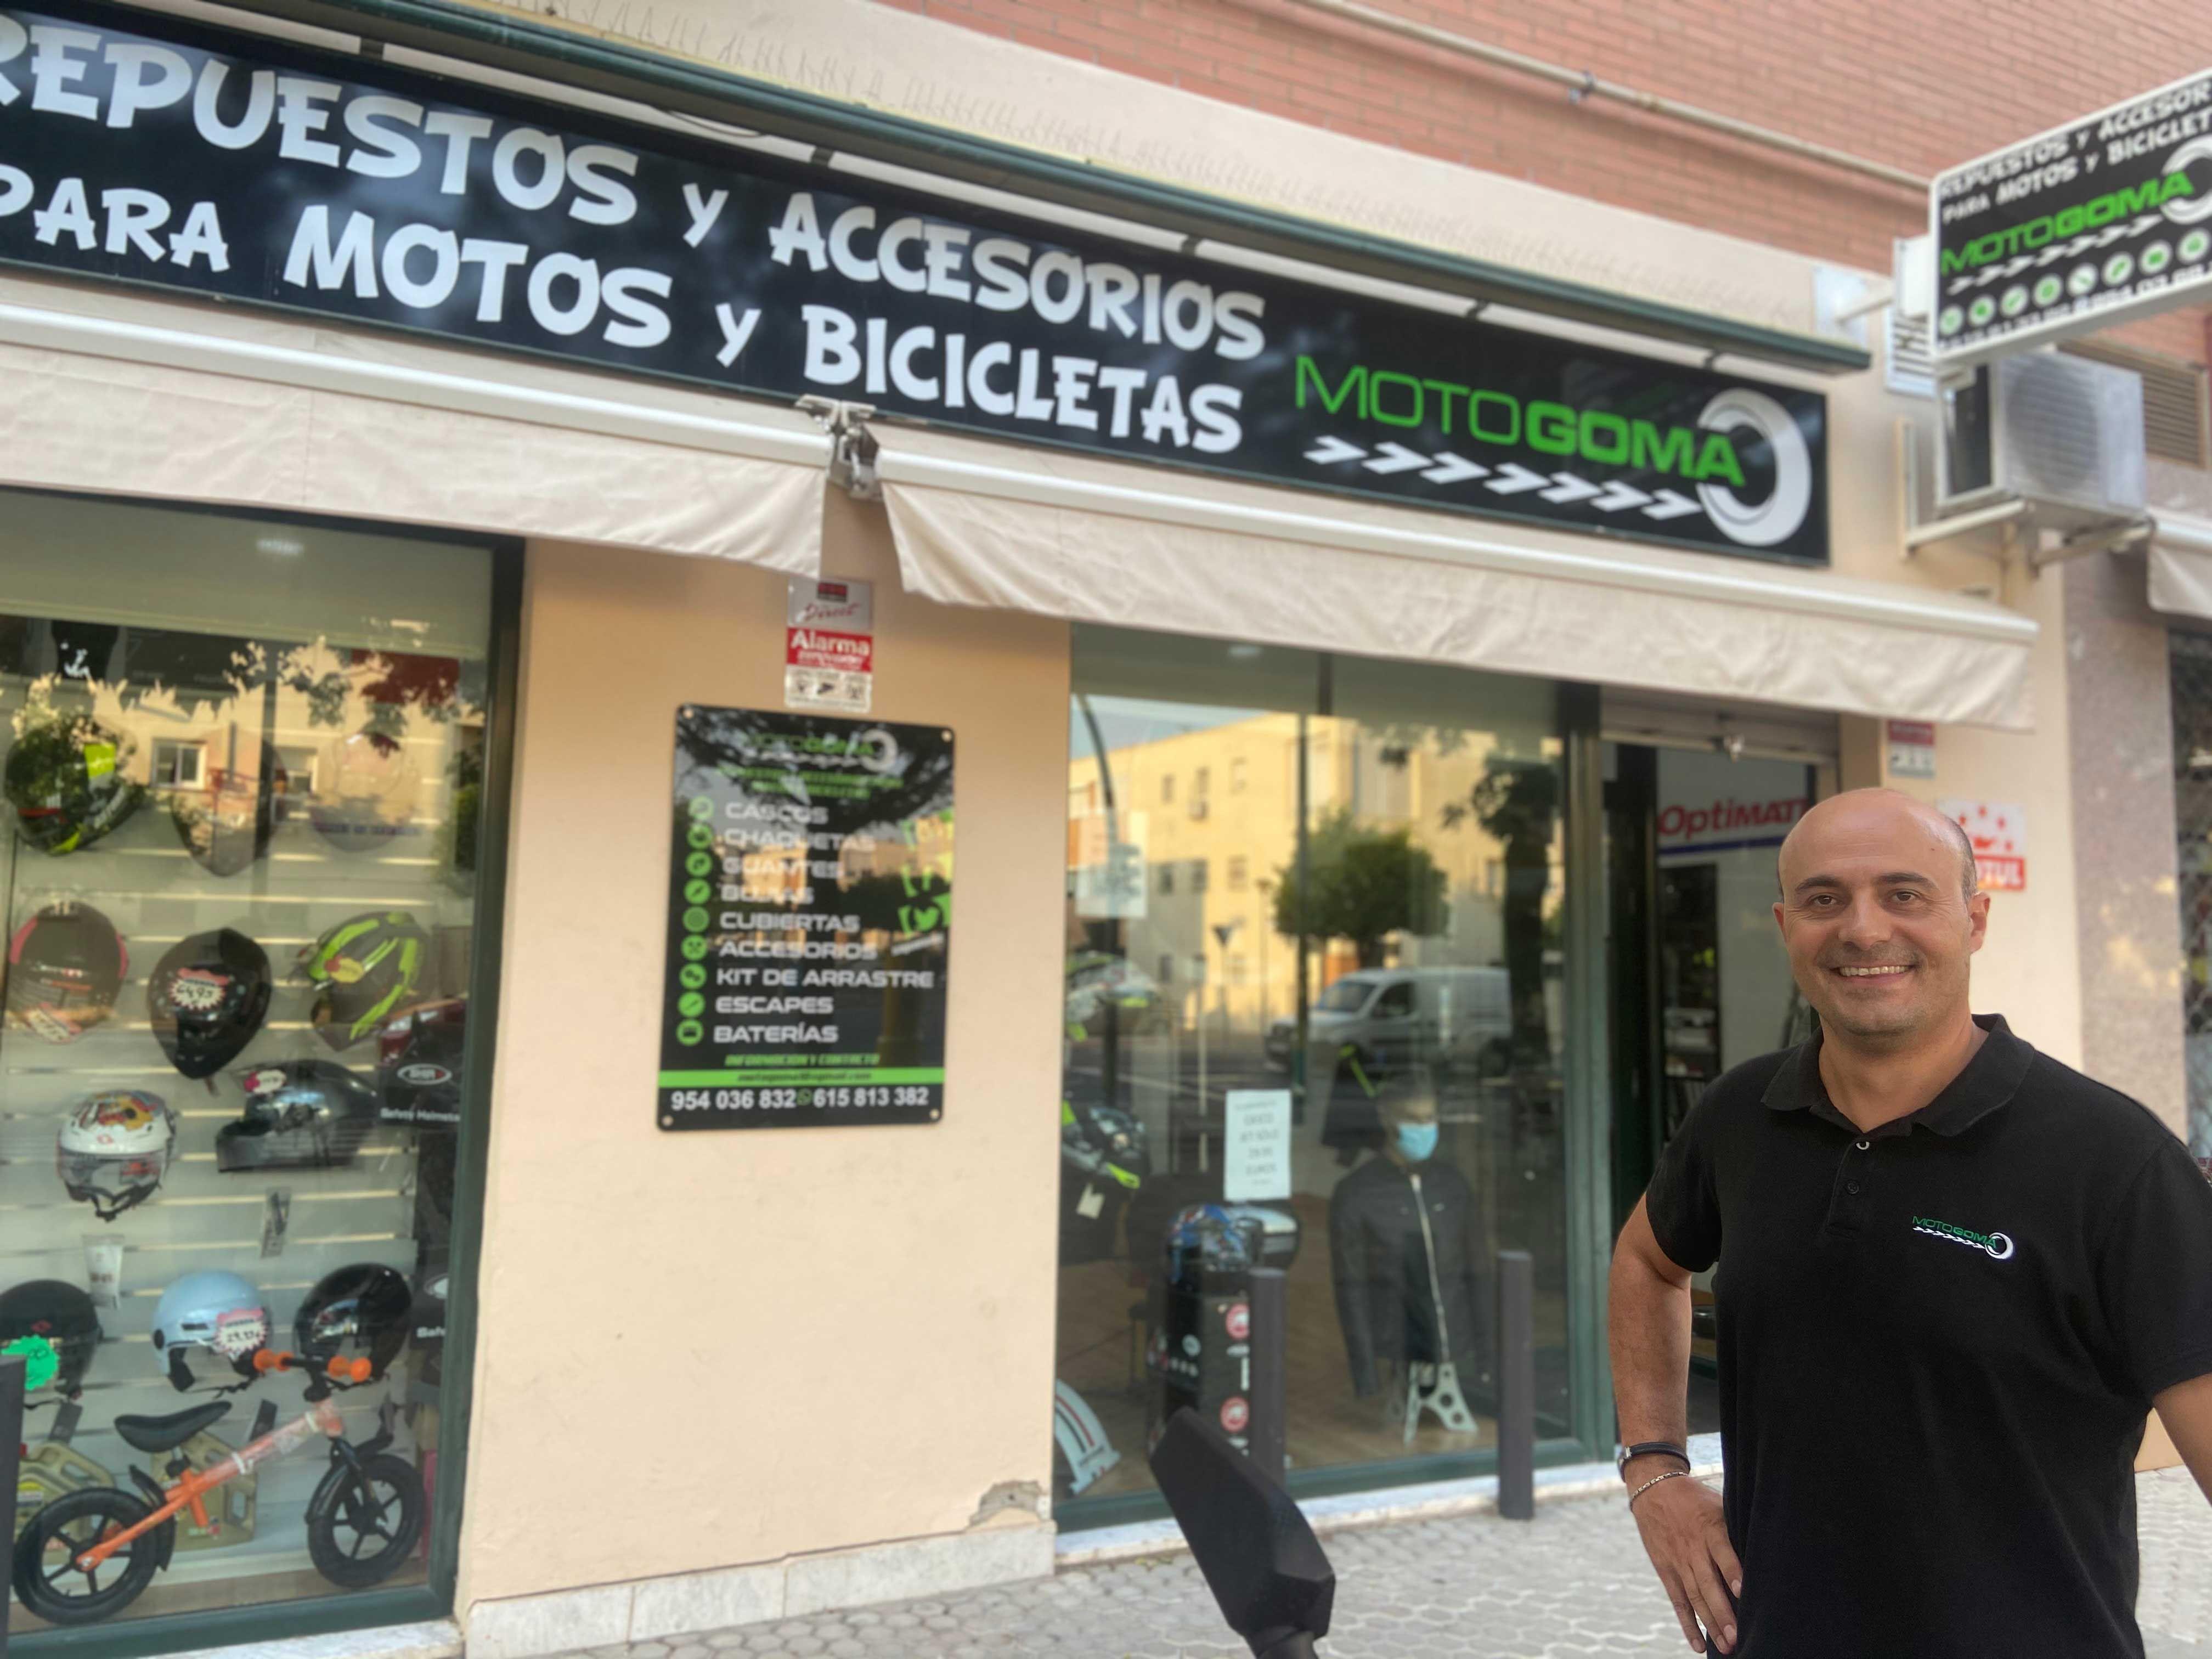 Fotografia Motogoma es una tienda especializada en recambios para